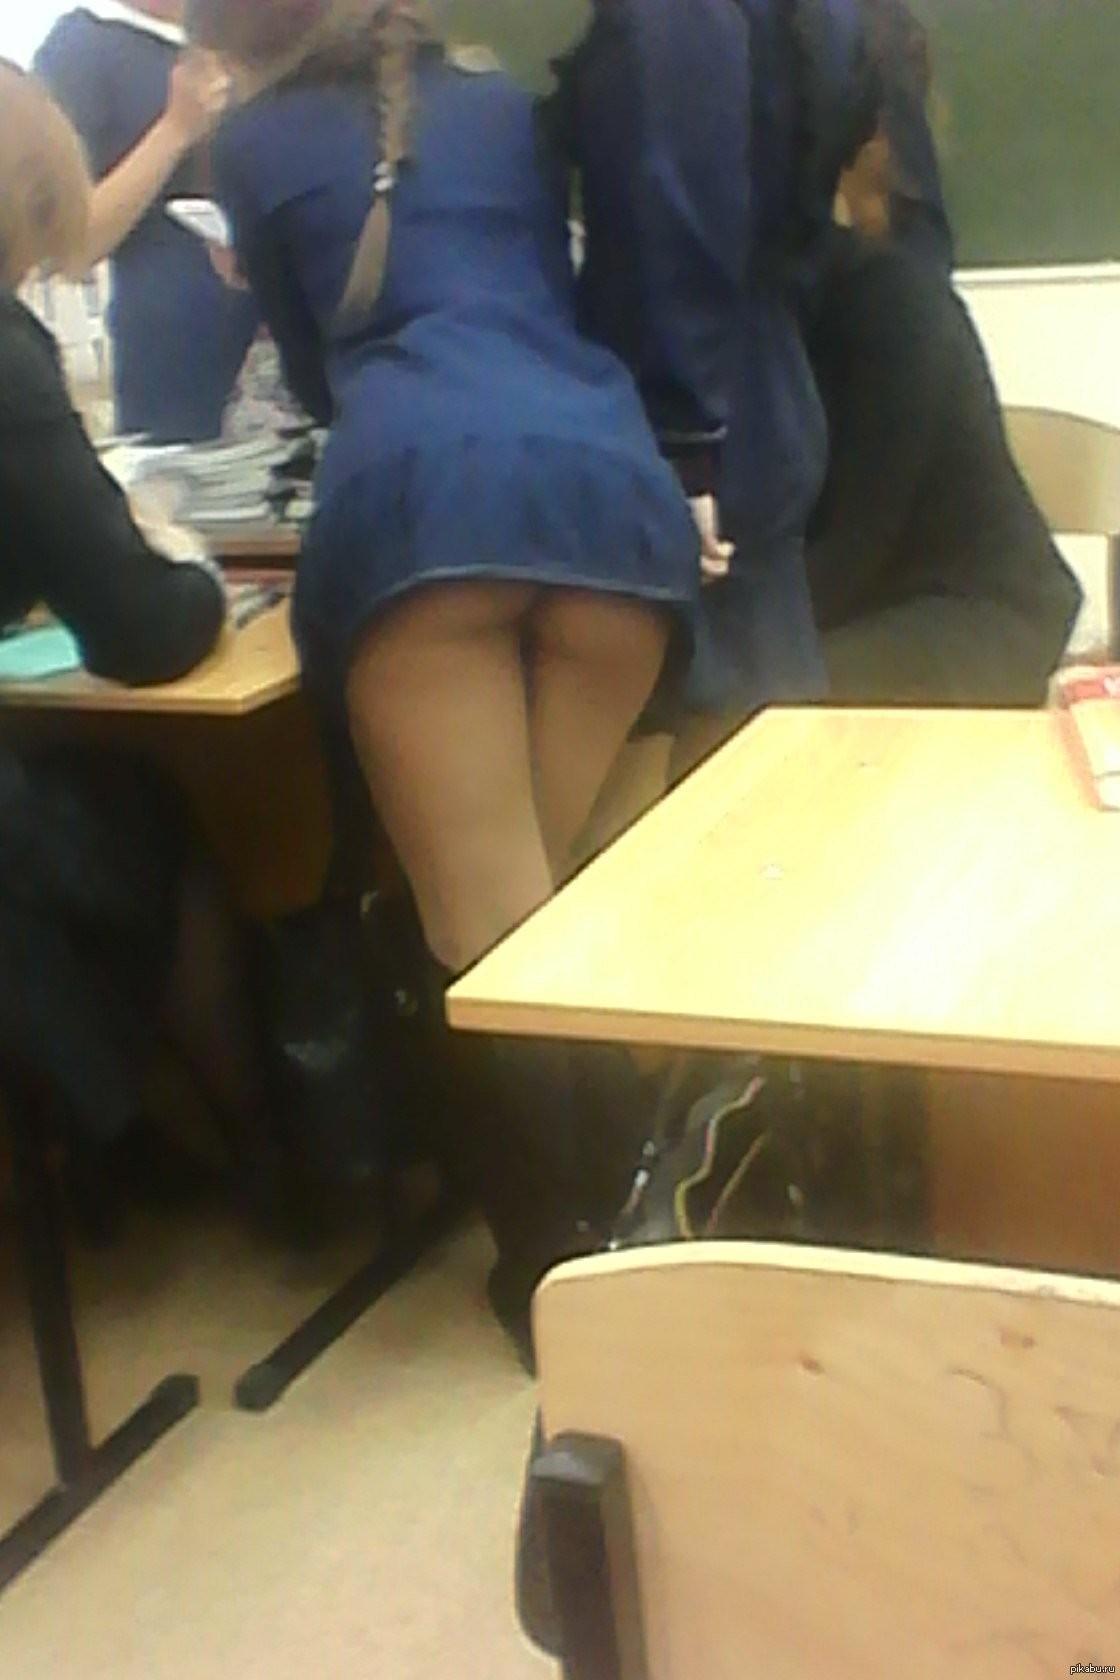 ロシアの女子校内で女の子たちがいかにエロいことしてるかよくわかる画像集(33枚)・15枚目